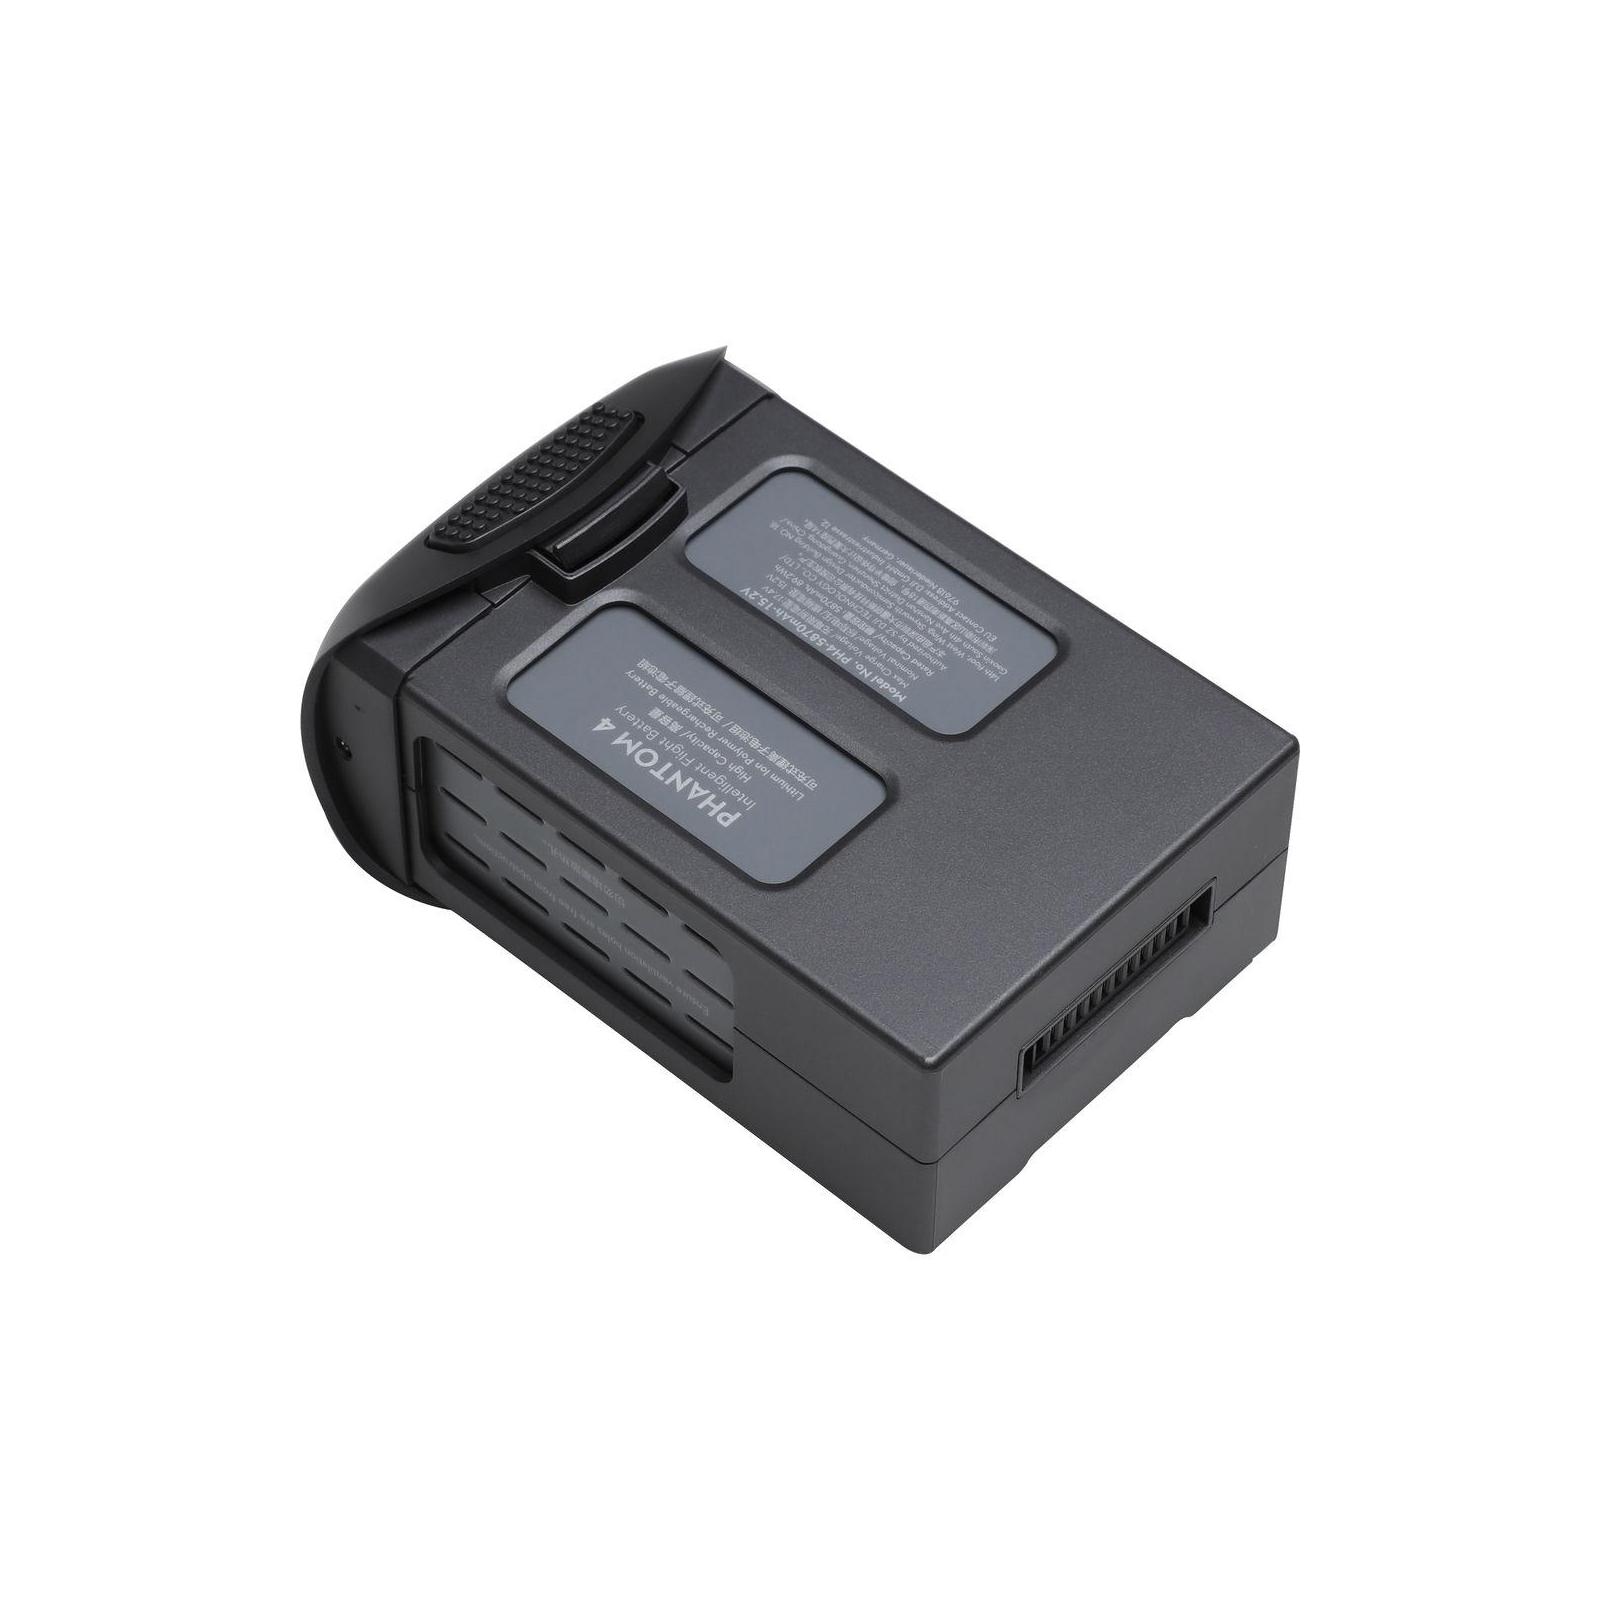 Аккумулятор для дрона DJI Phamtom 4 5870mAh (CP.PT.00000033.01) изображение 3